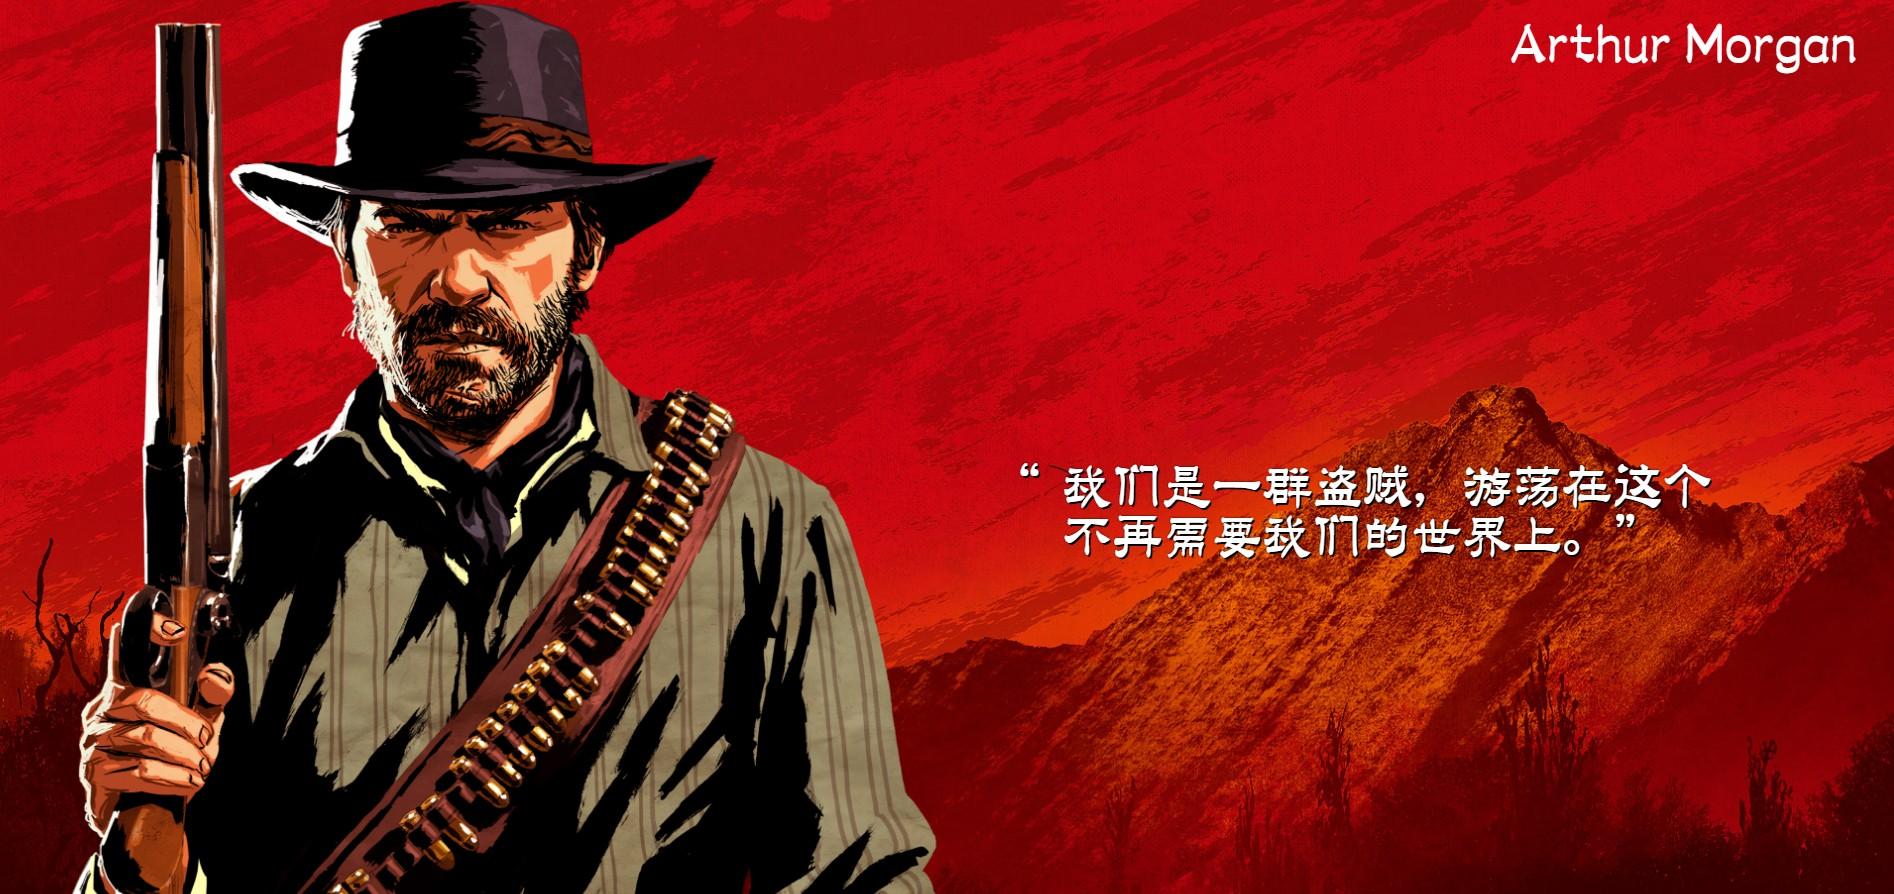 《荒野大镖客2》 主角中文海报公布 身份背景揭晓